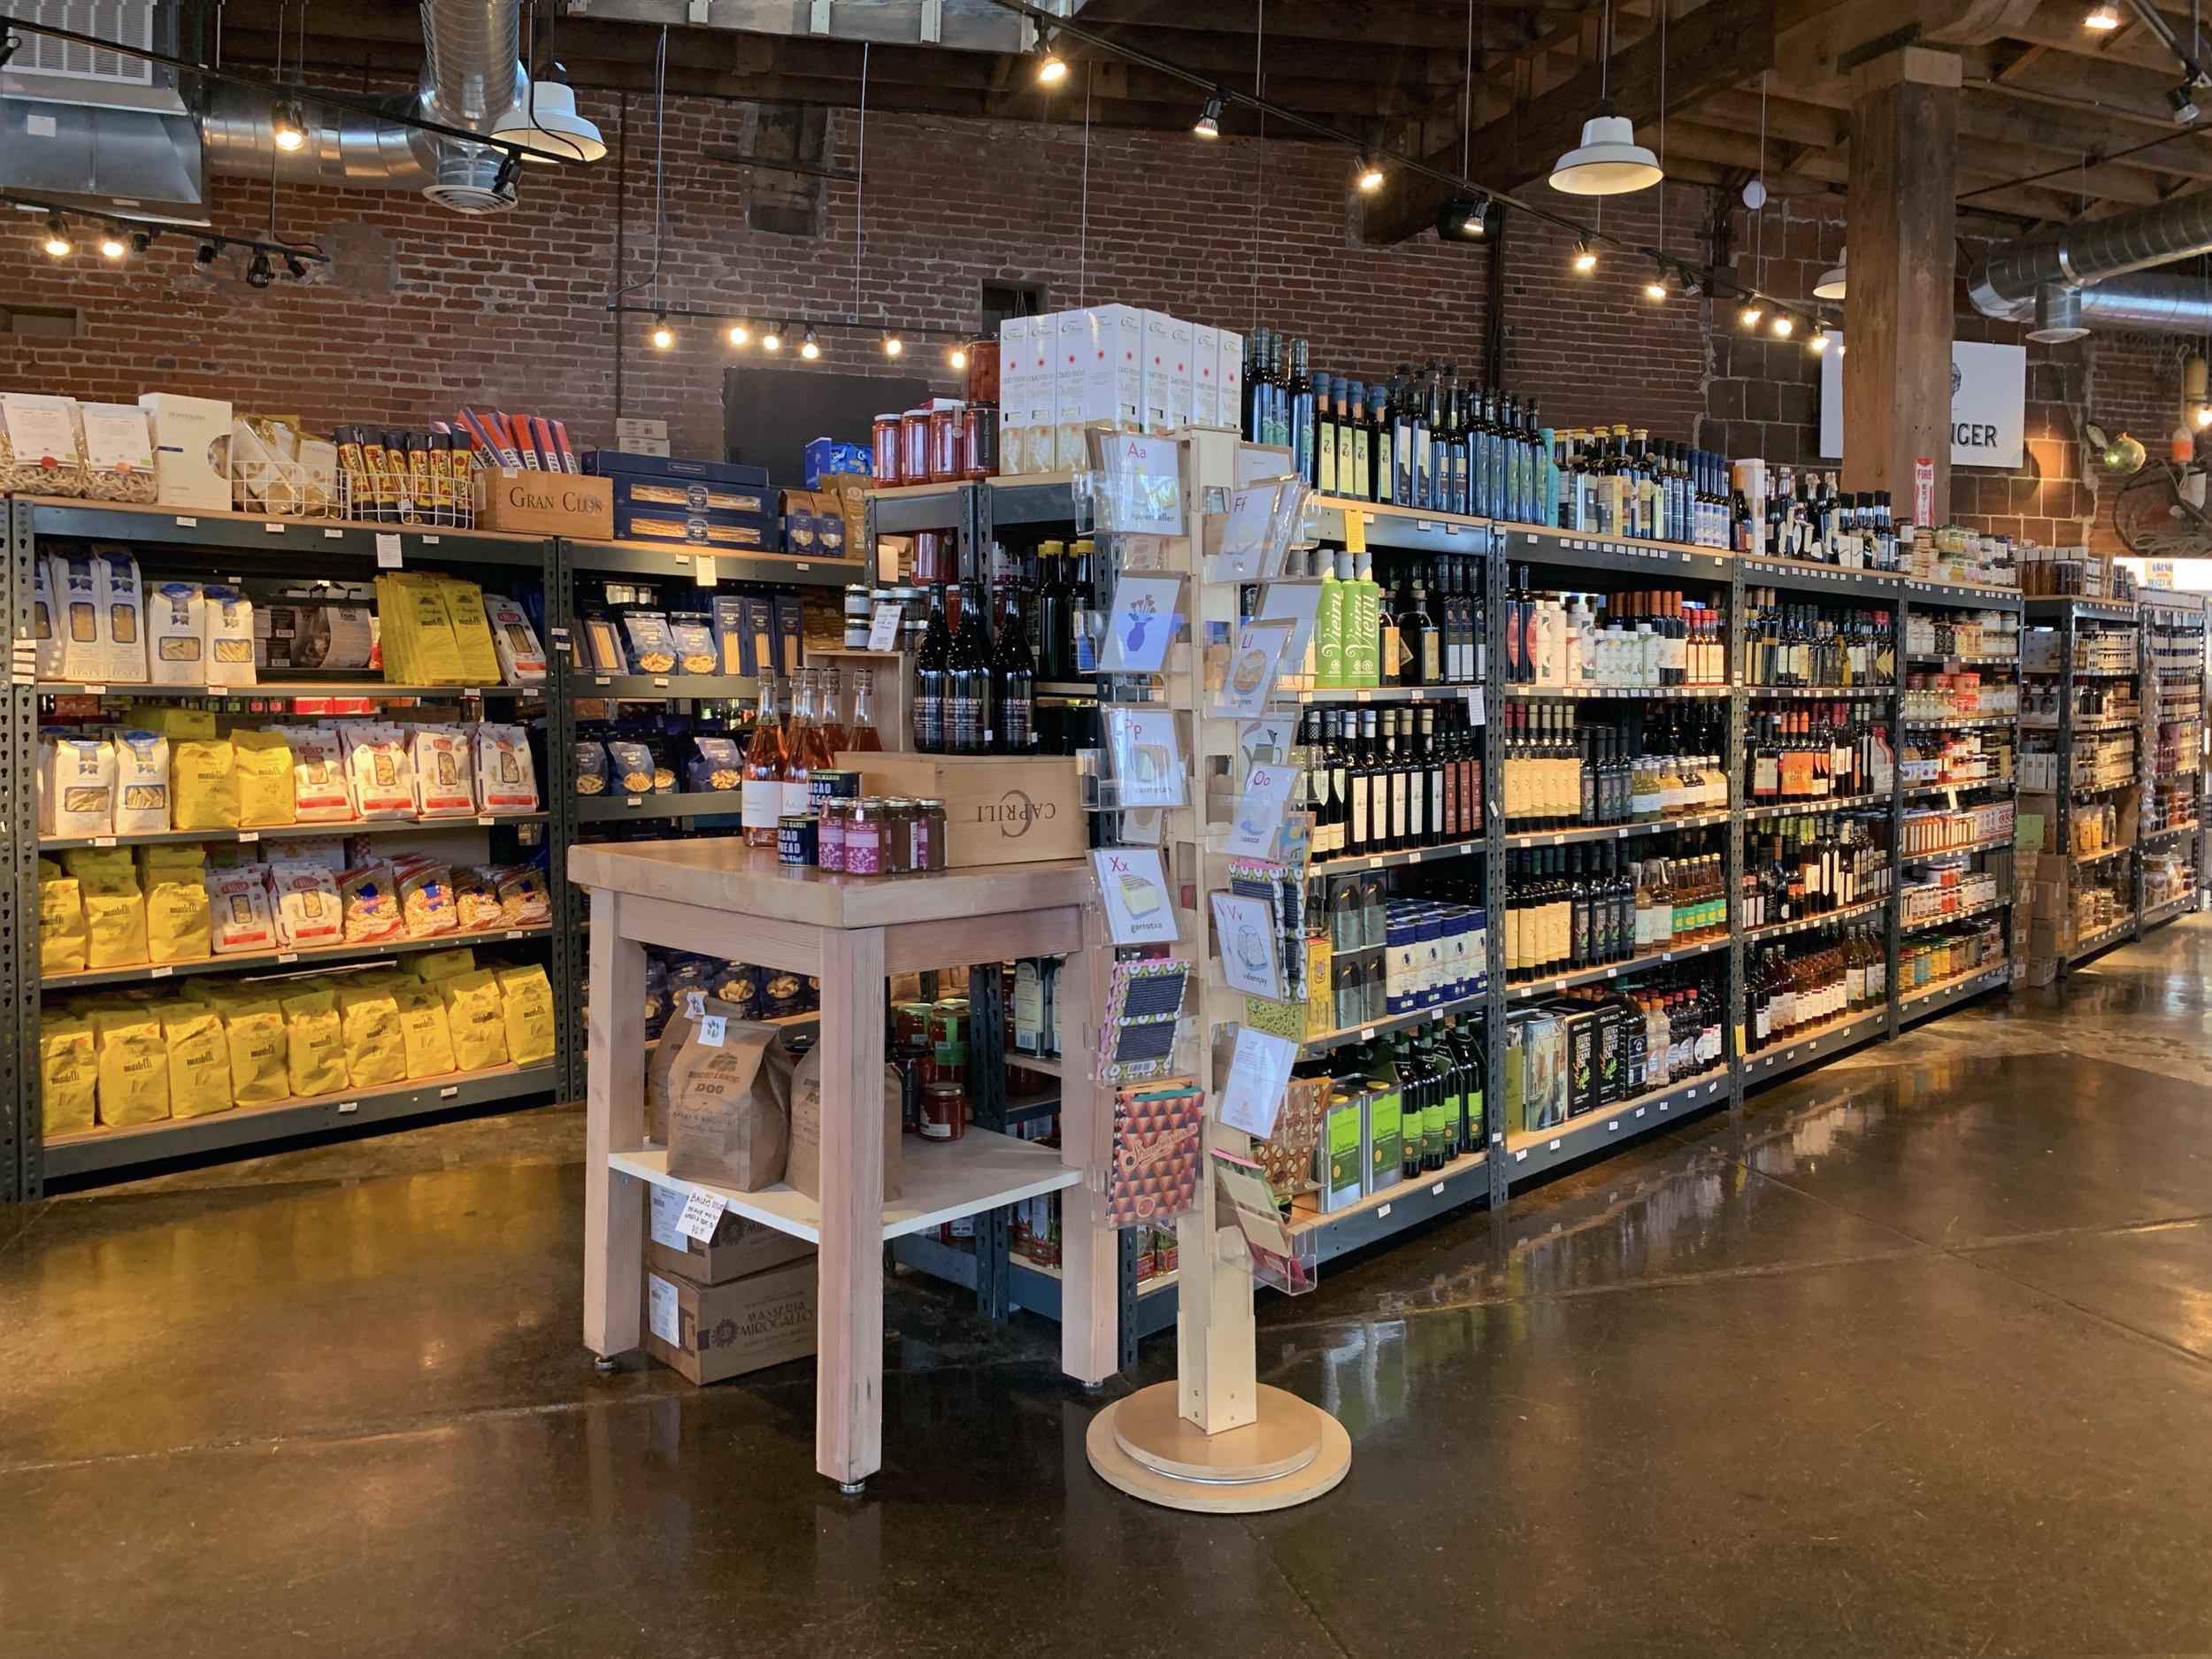 Grocery_aisles.jpg